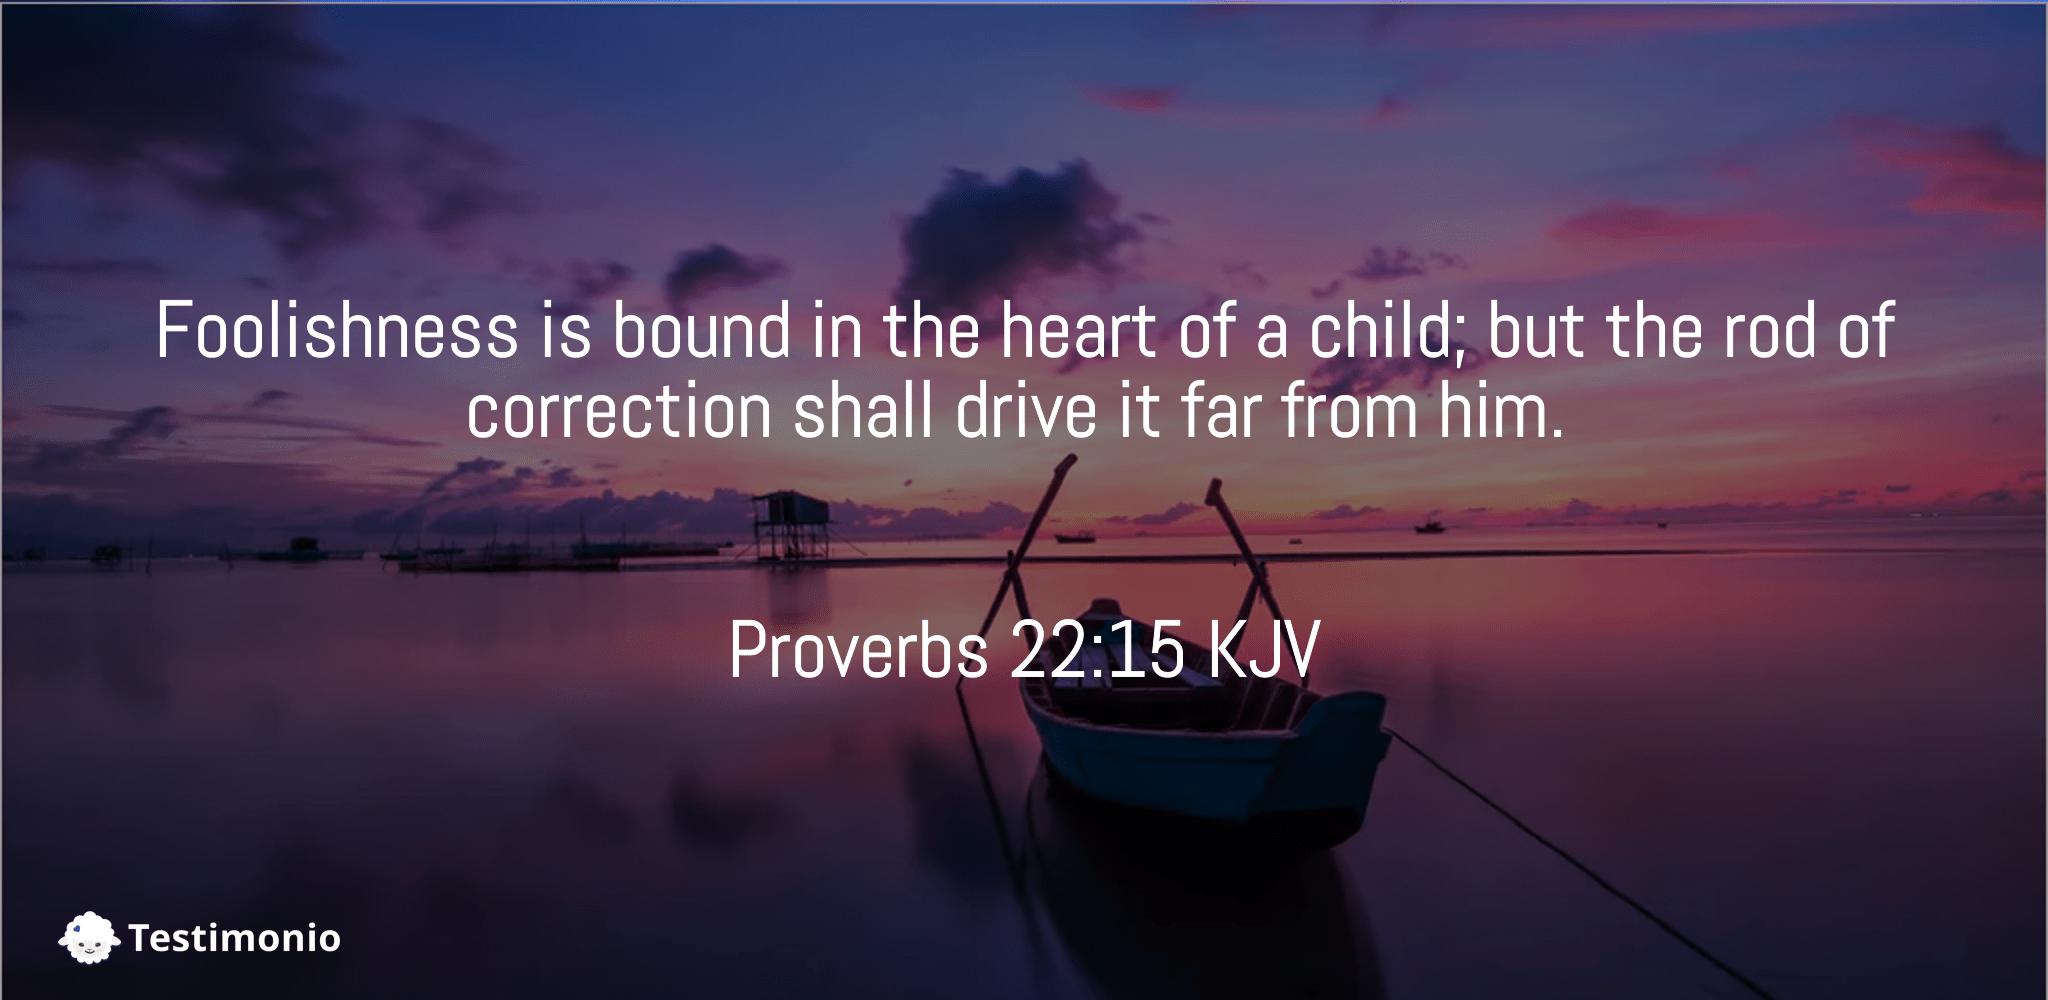 Proverbs 22:15